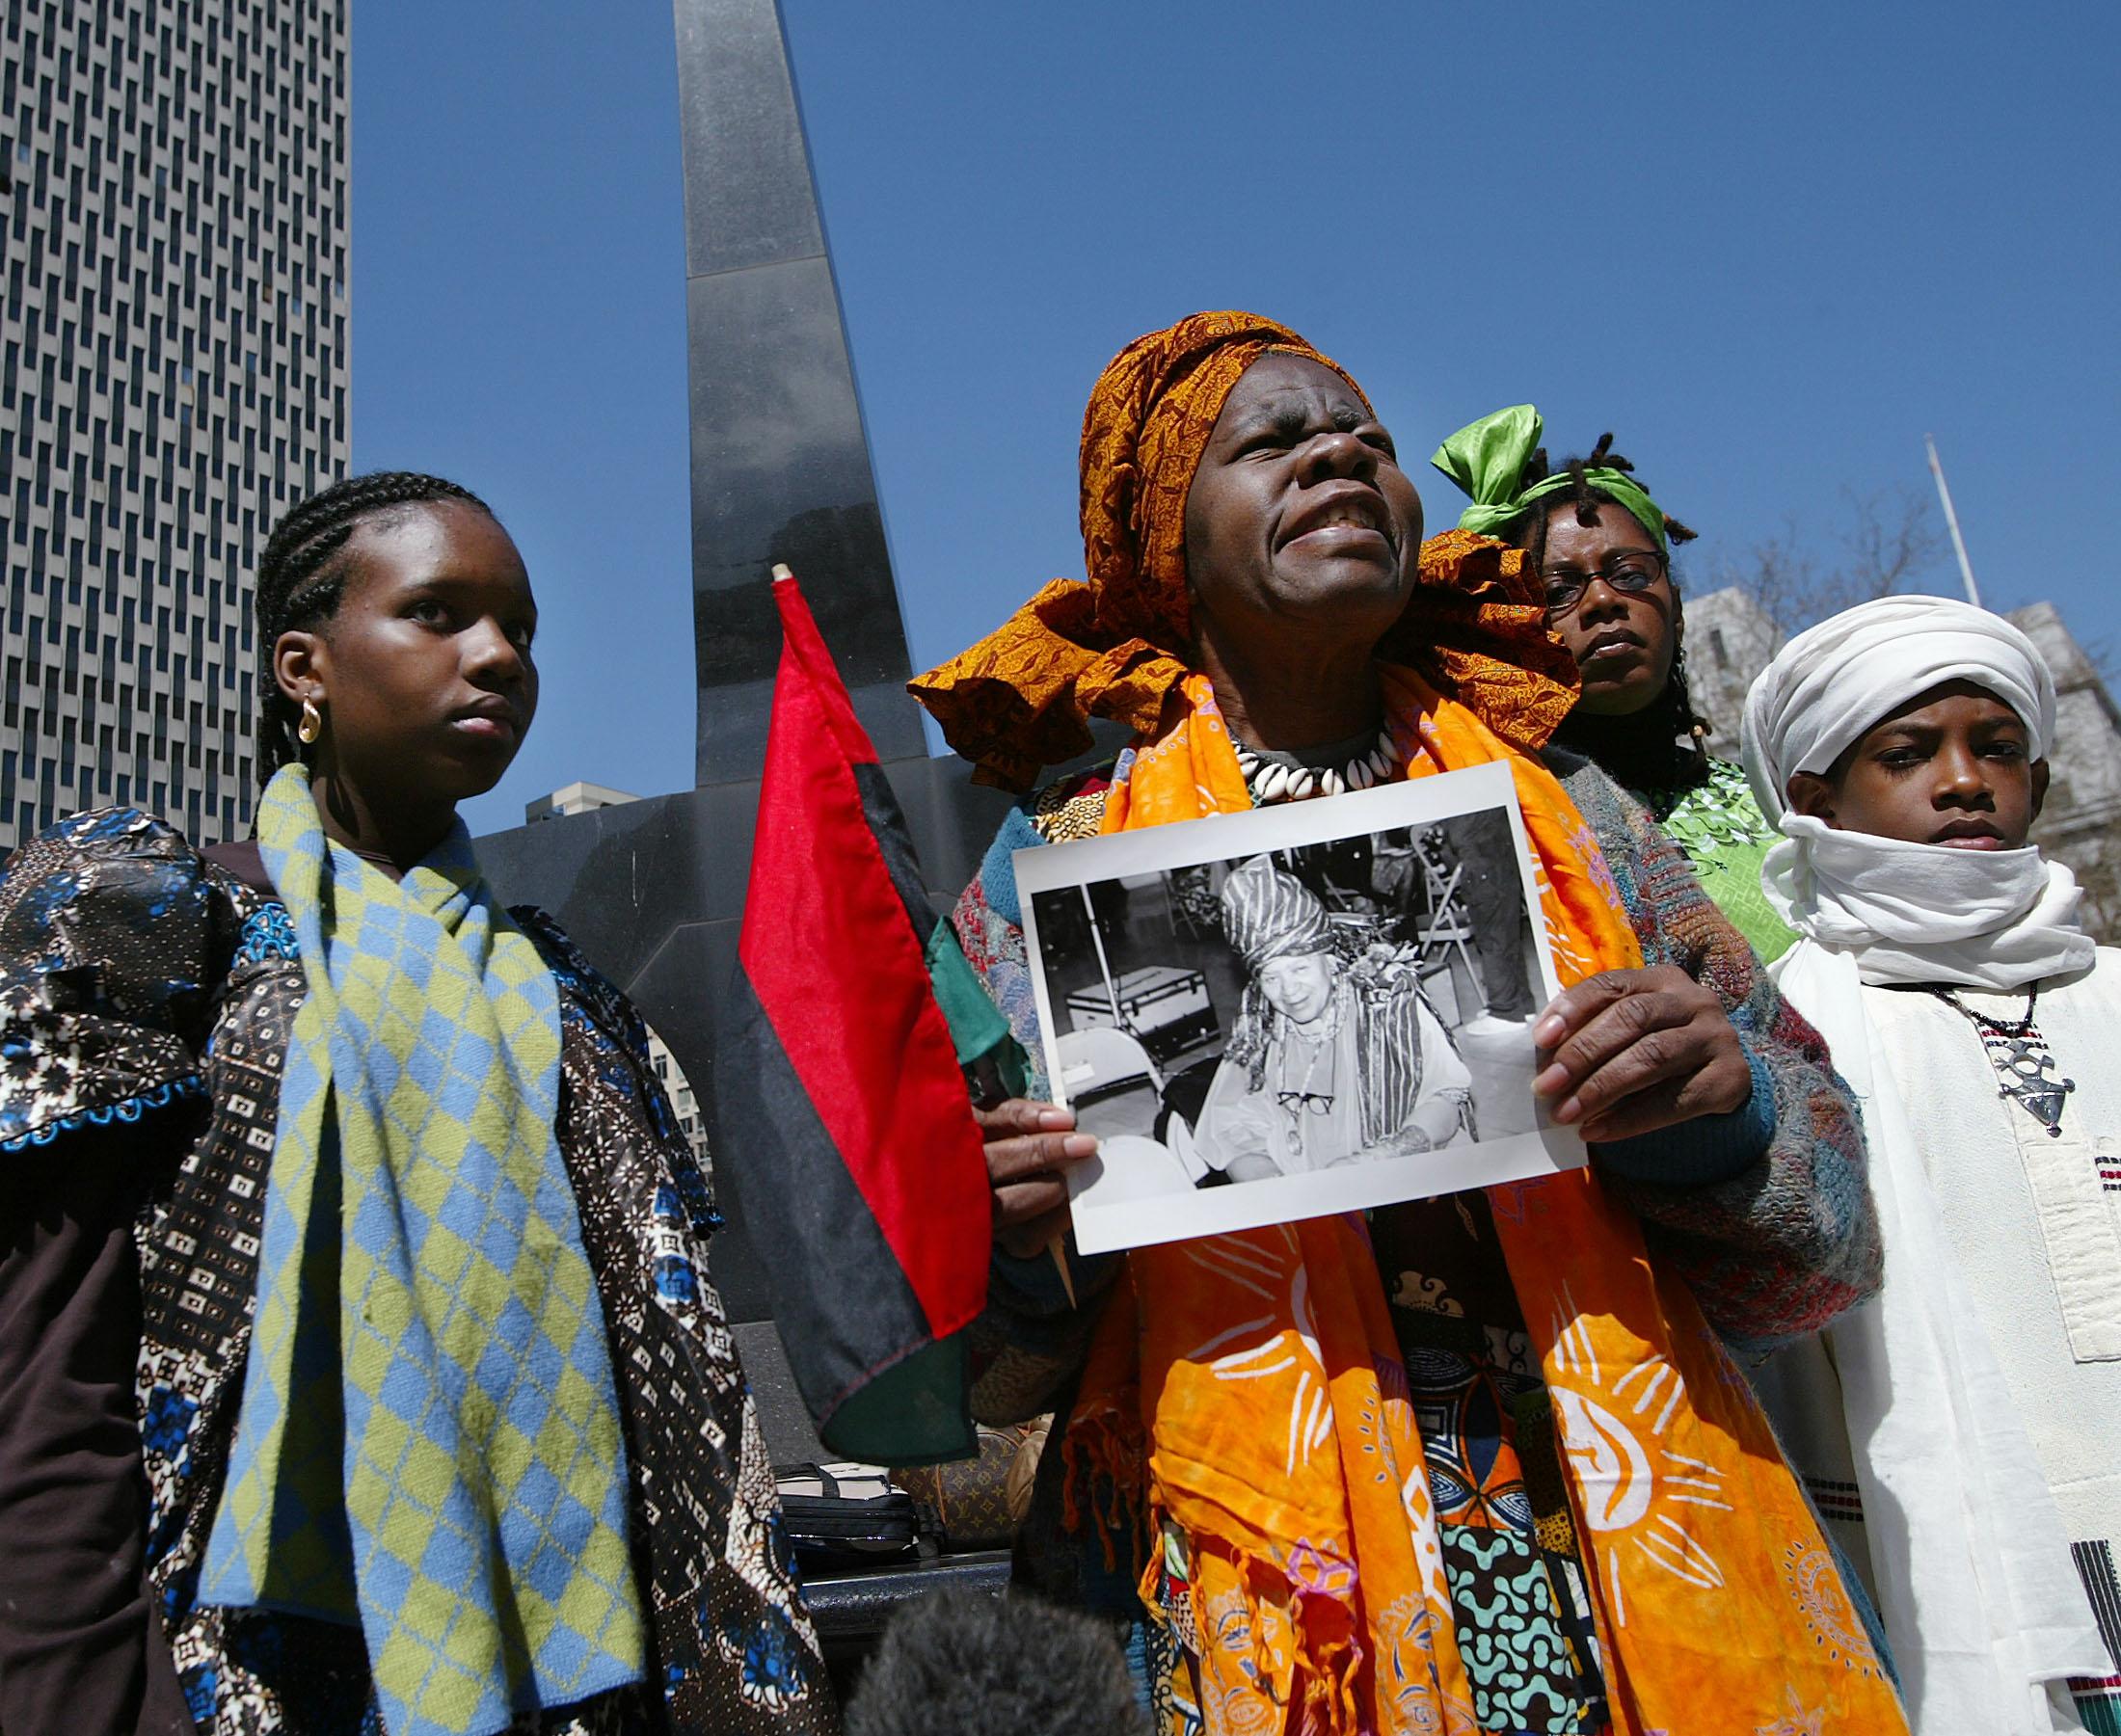 Ta-Nehisi Coates' Case For Reparations & Spiritual Awakening